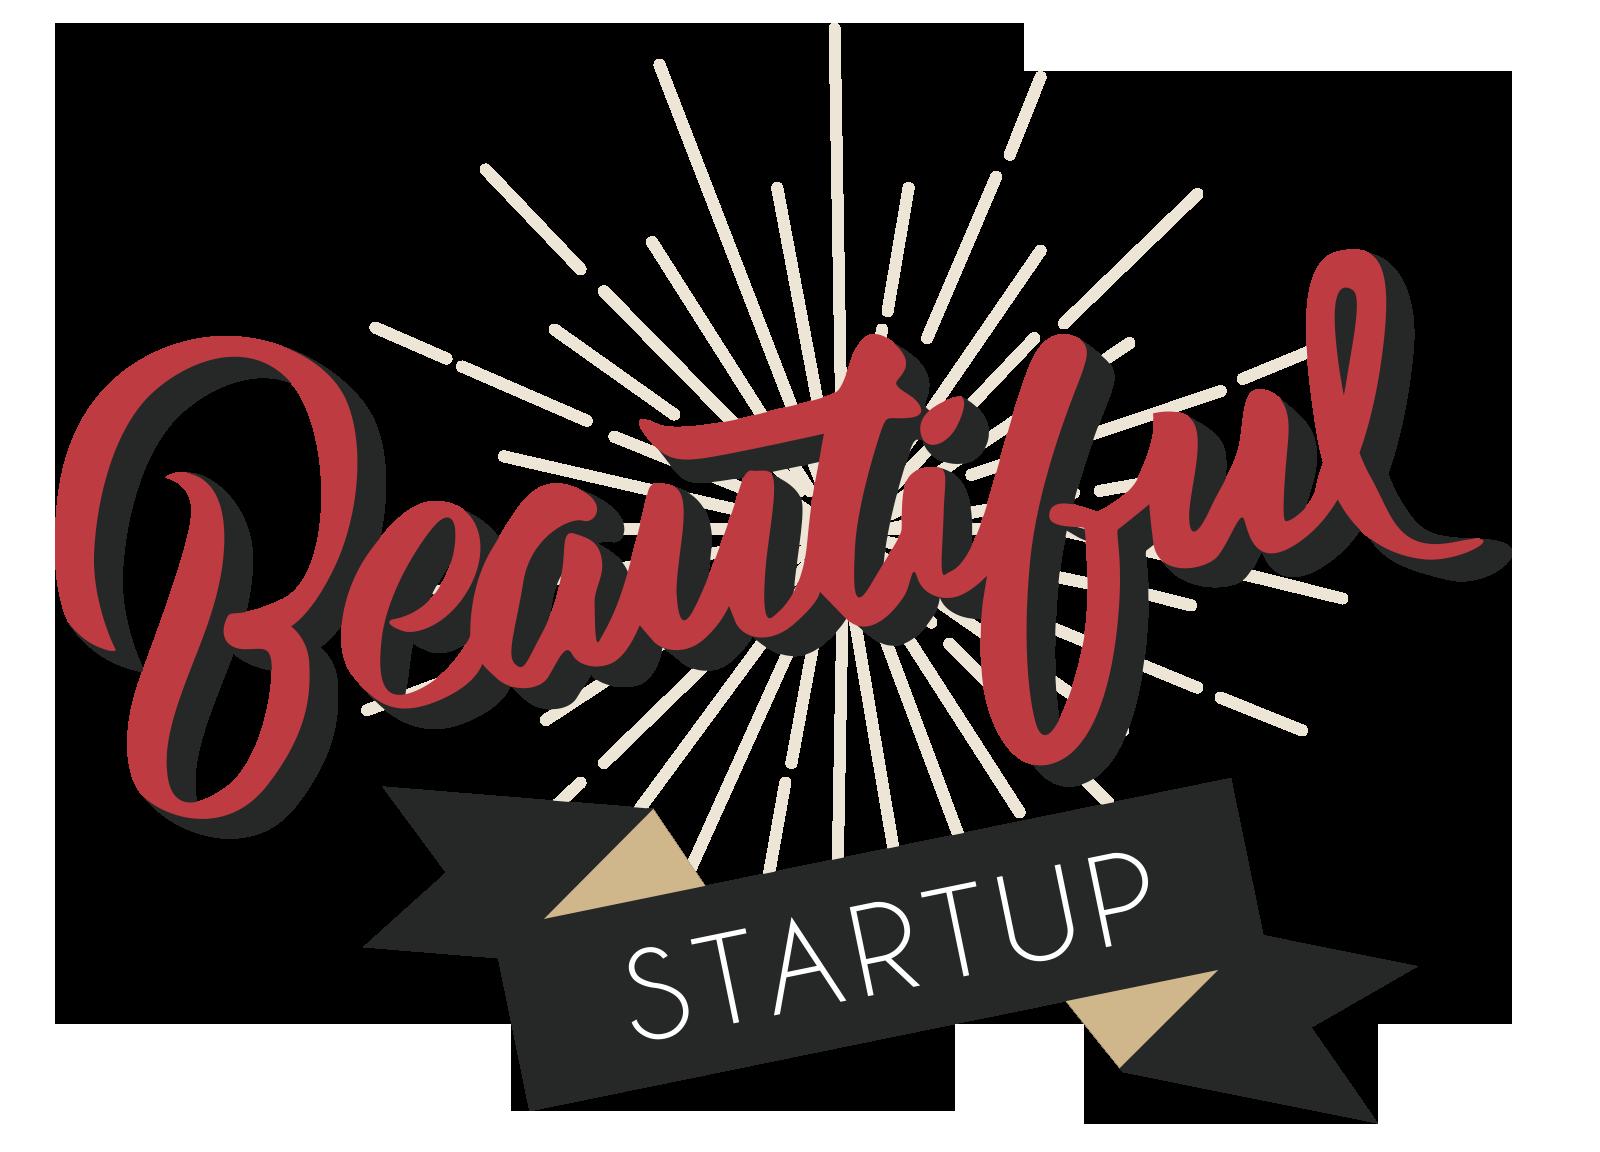 Beautiful Startup